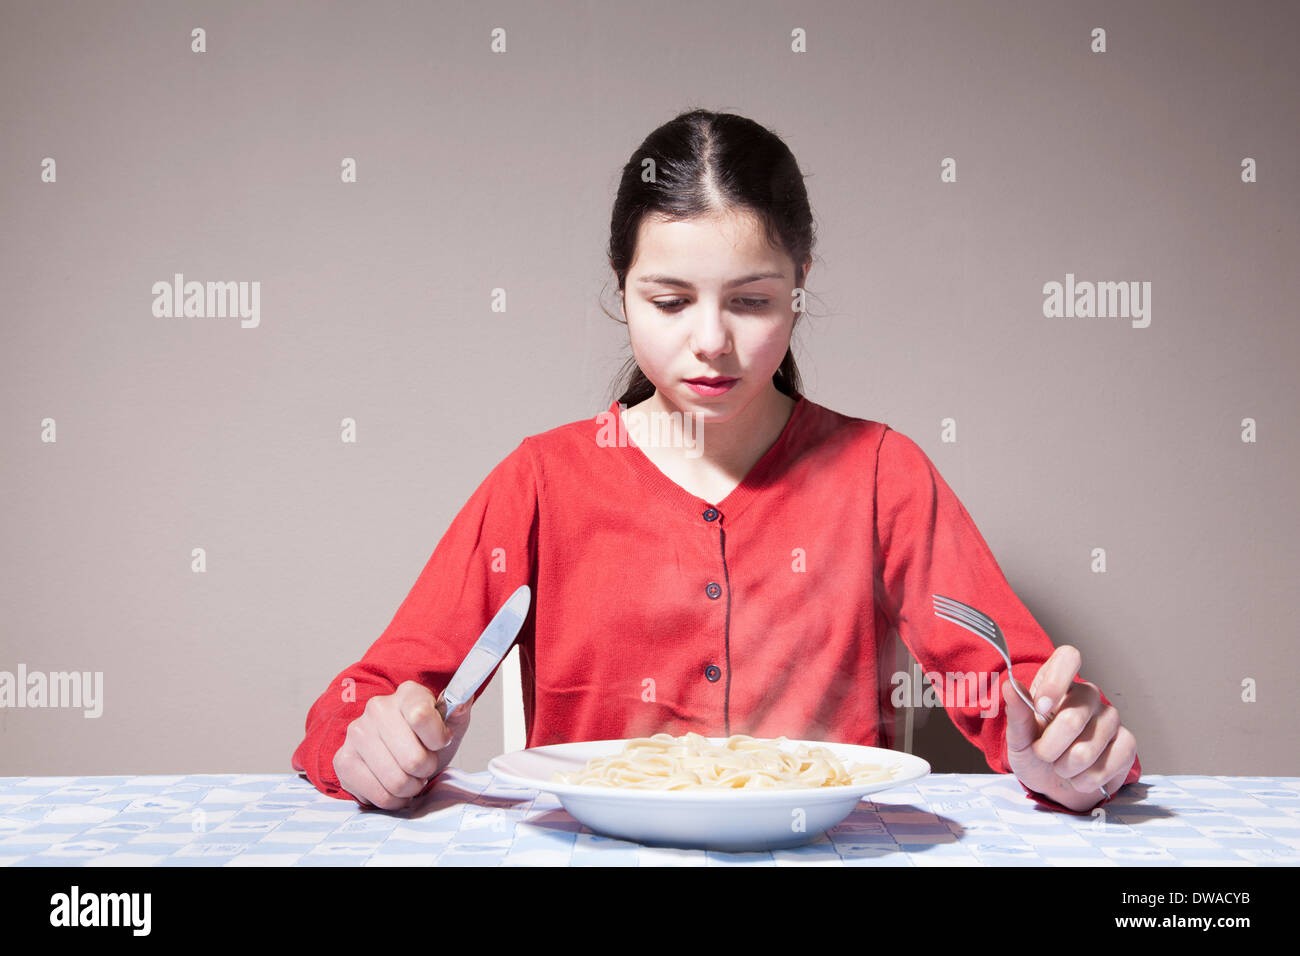 Teenage girl eating pasta - Stock Image